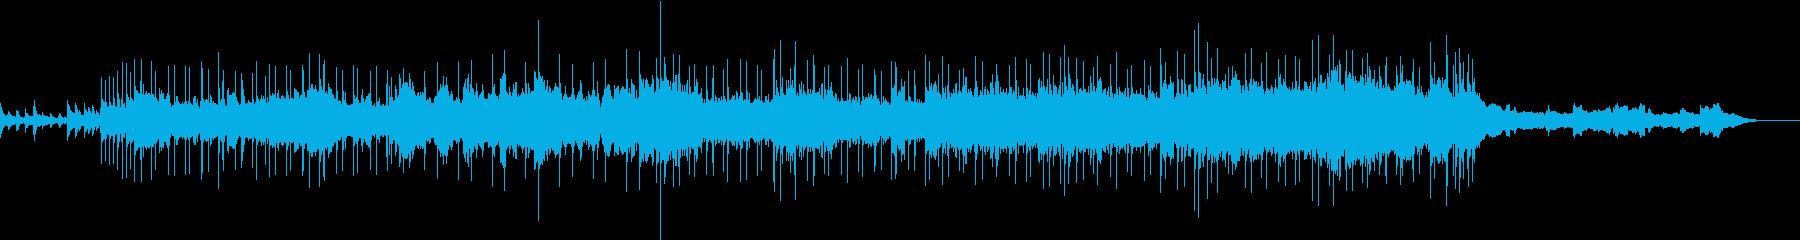 感動的な和風のバラードの再生済みの波形